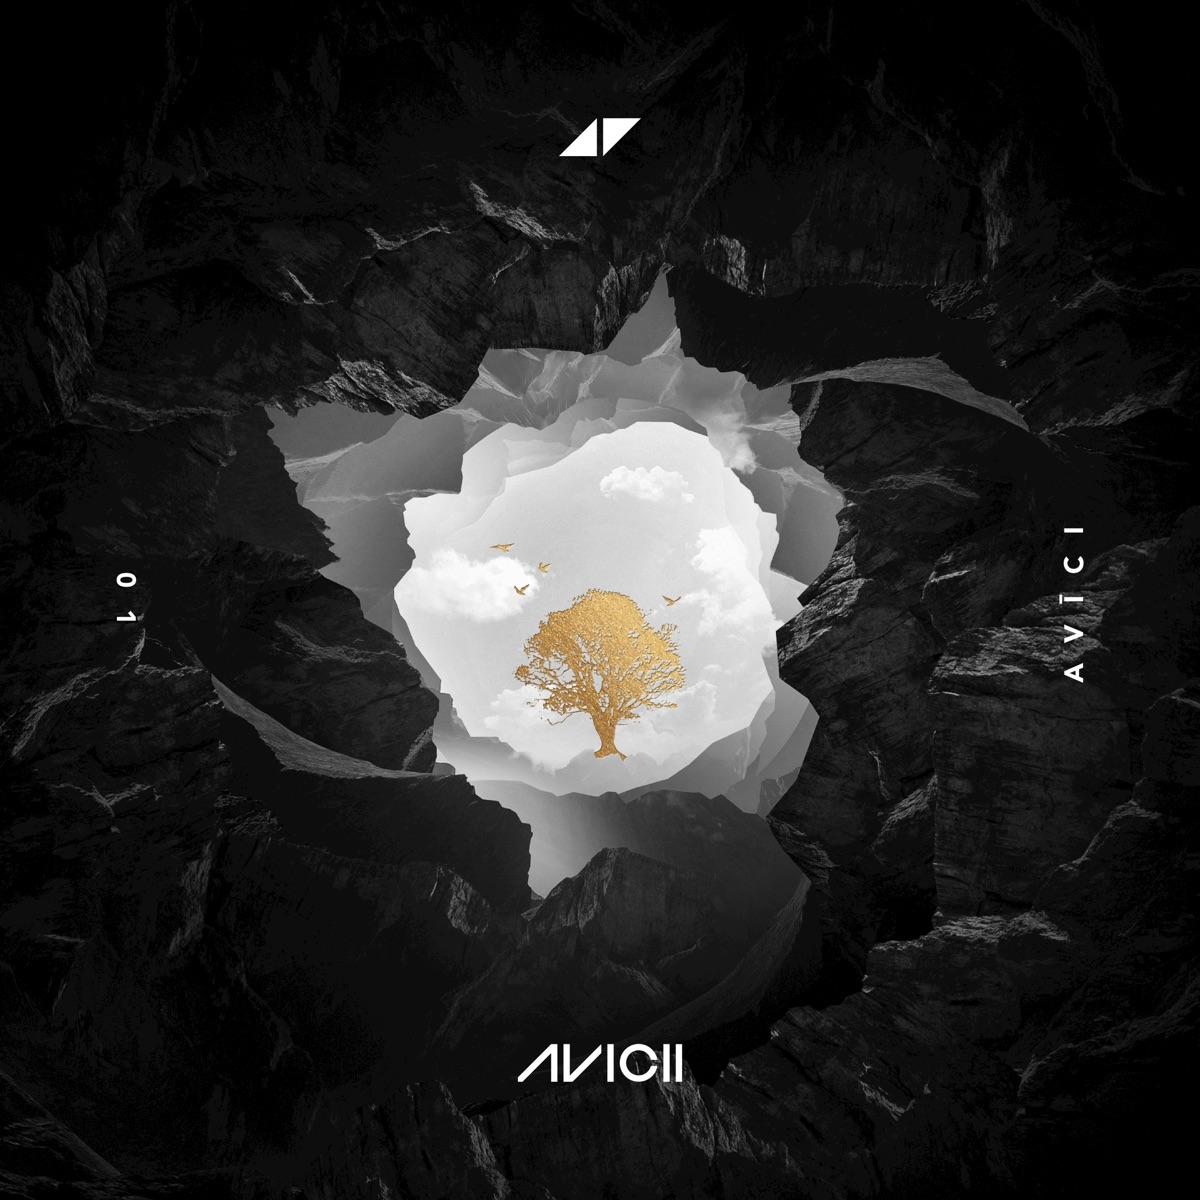 AVĪCI 01 - EP Avicii CD cover